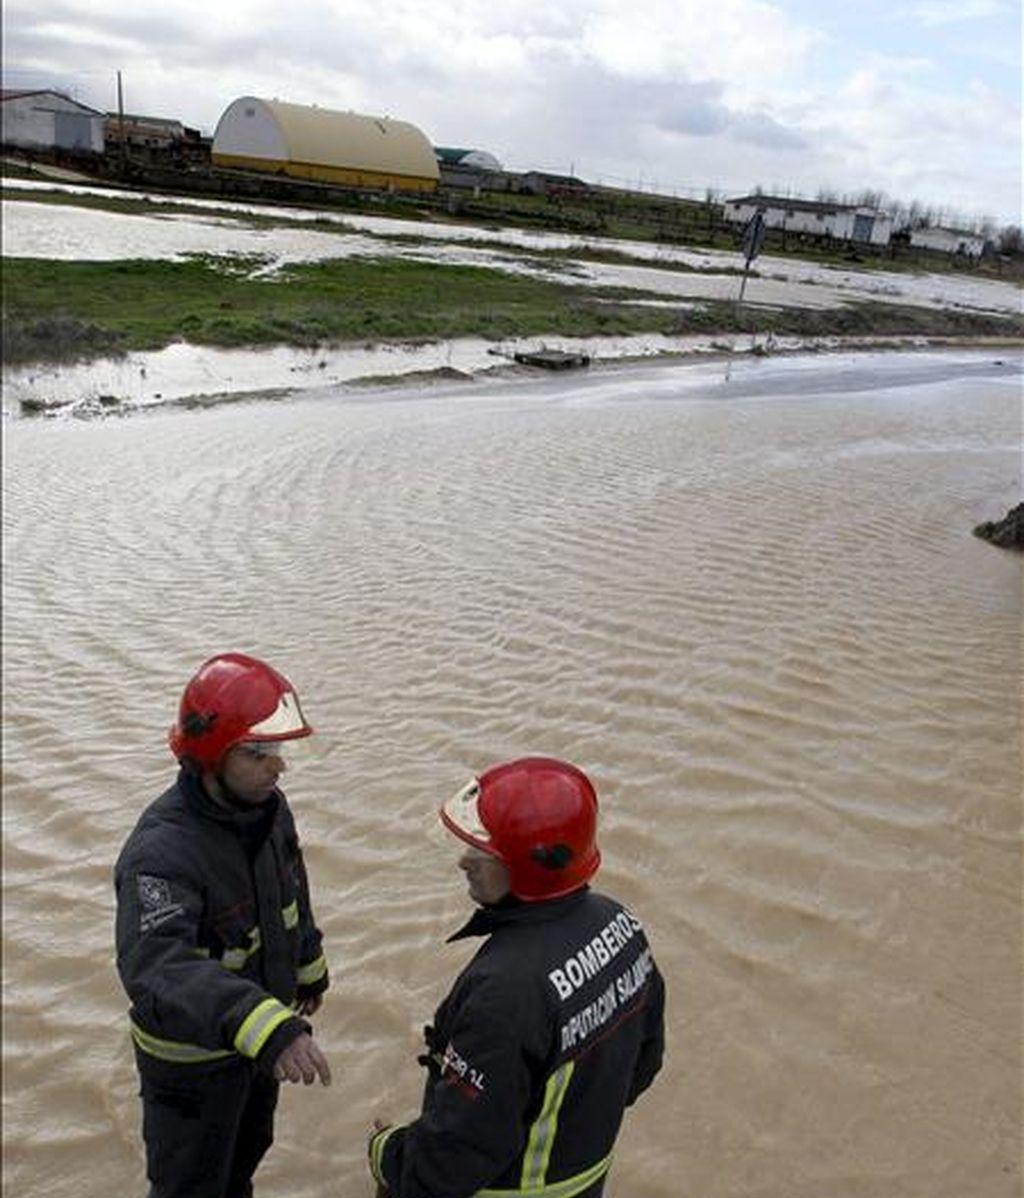 Dos miembros del cuerpo de Bomberos trabajan en la localidad salmantina de Forfoleda, donde las abundantes lluvías caídas han originado el desbordamiento de un arroyo que ha inundado varias calles del municipio. EFE